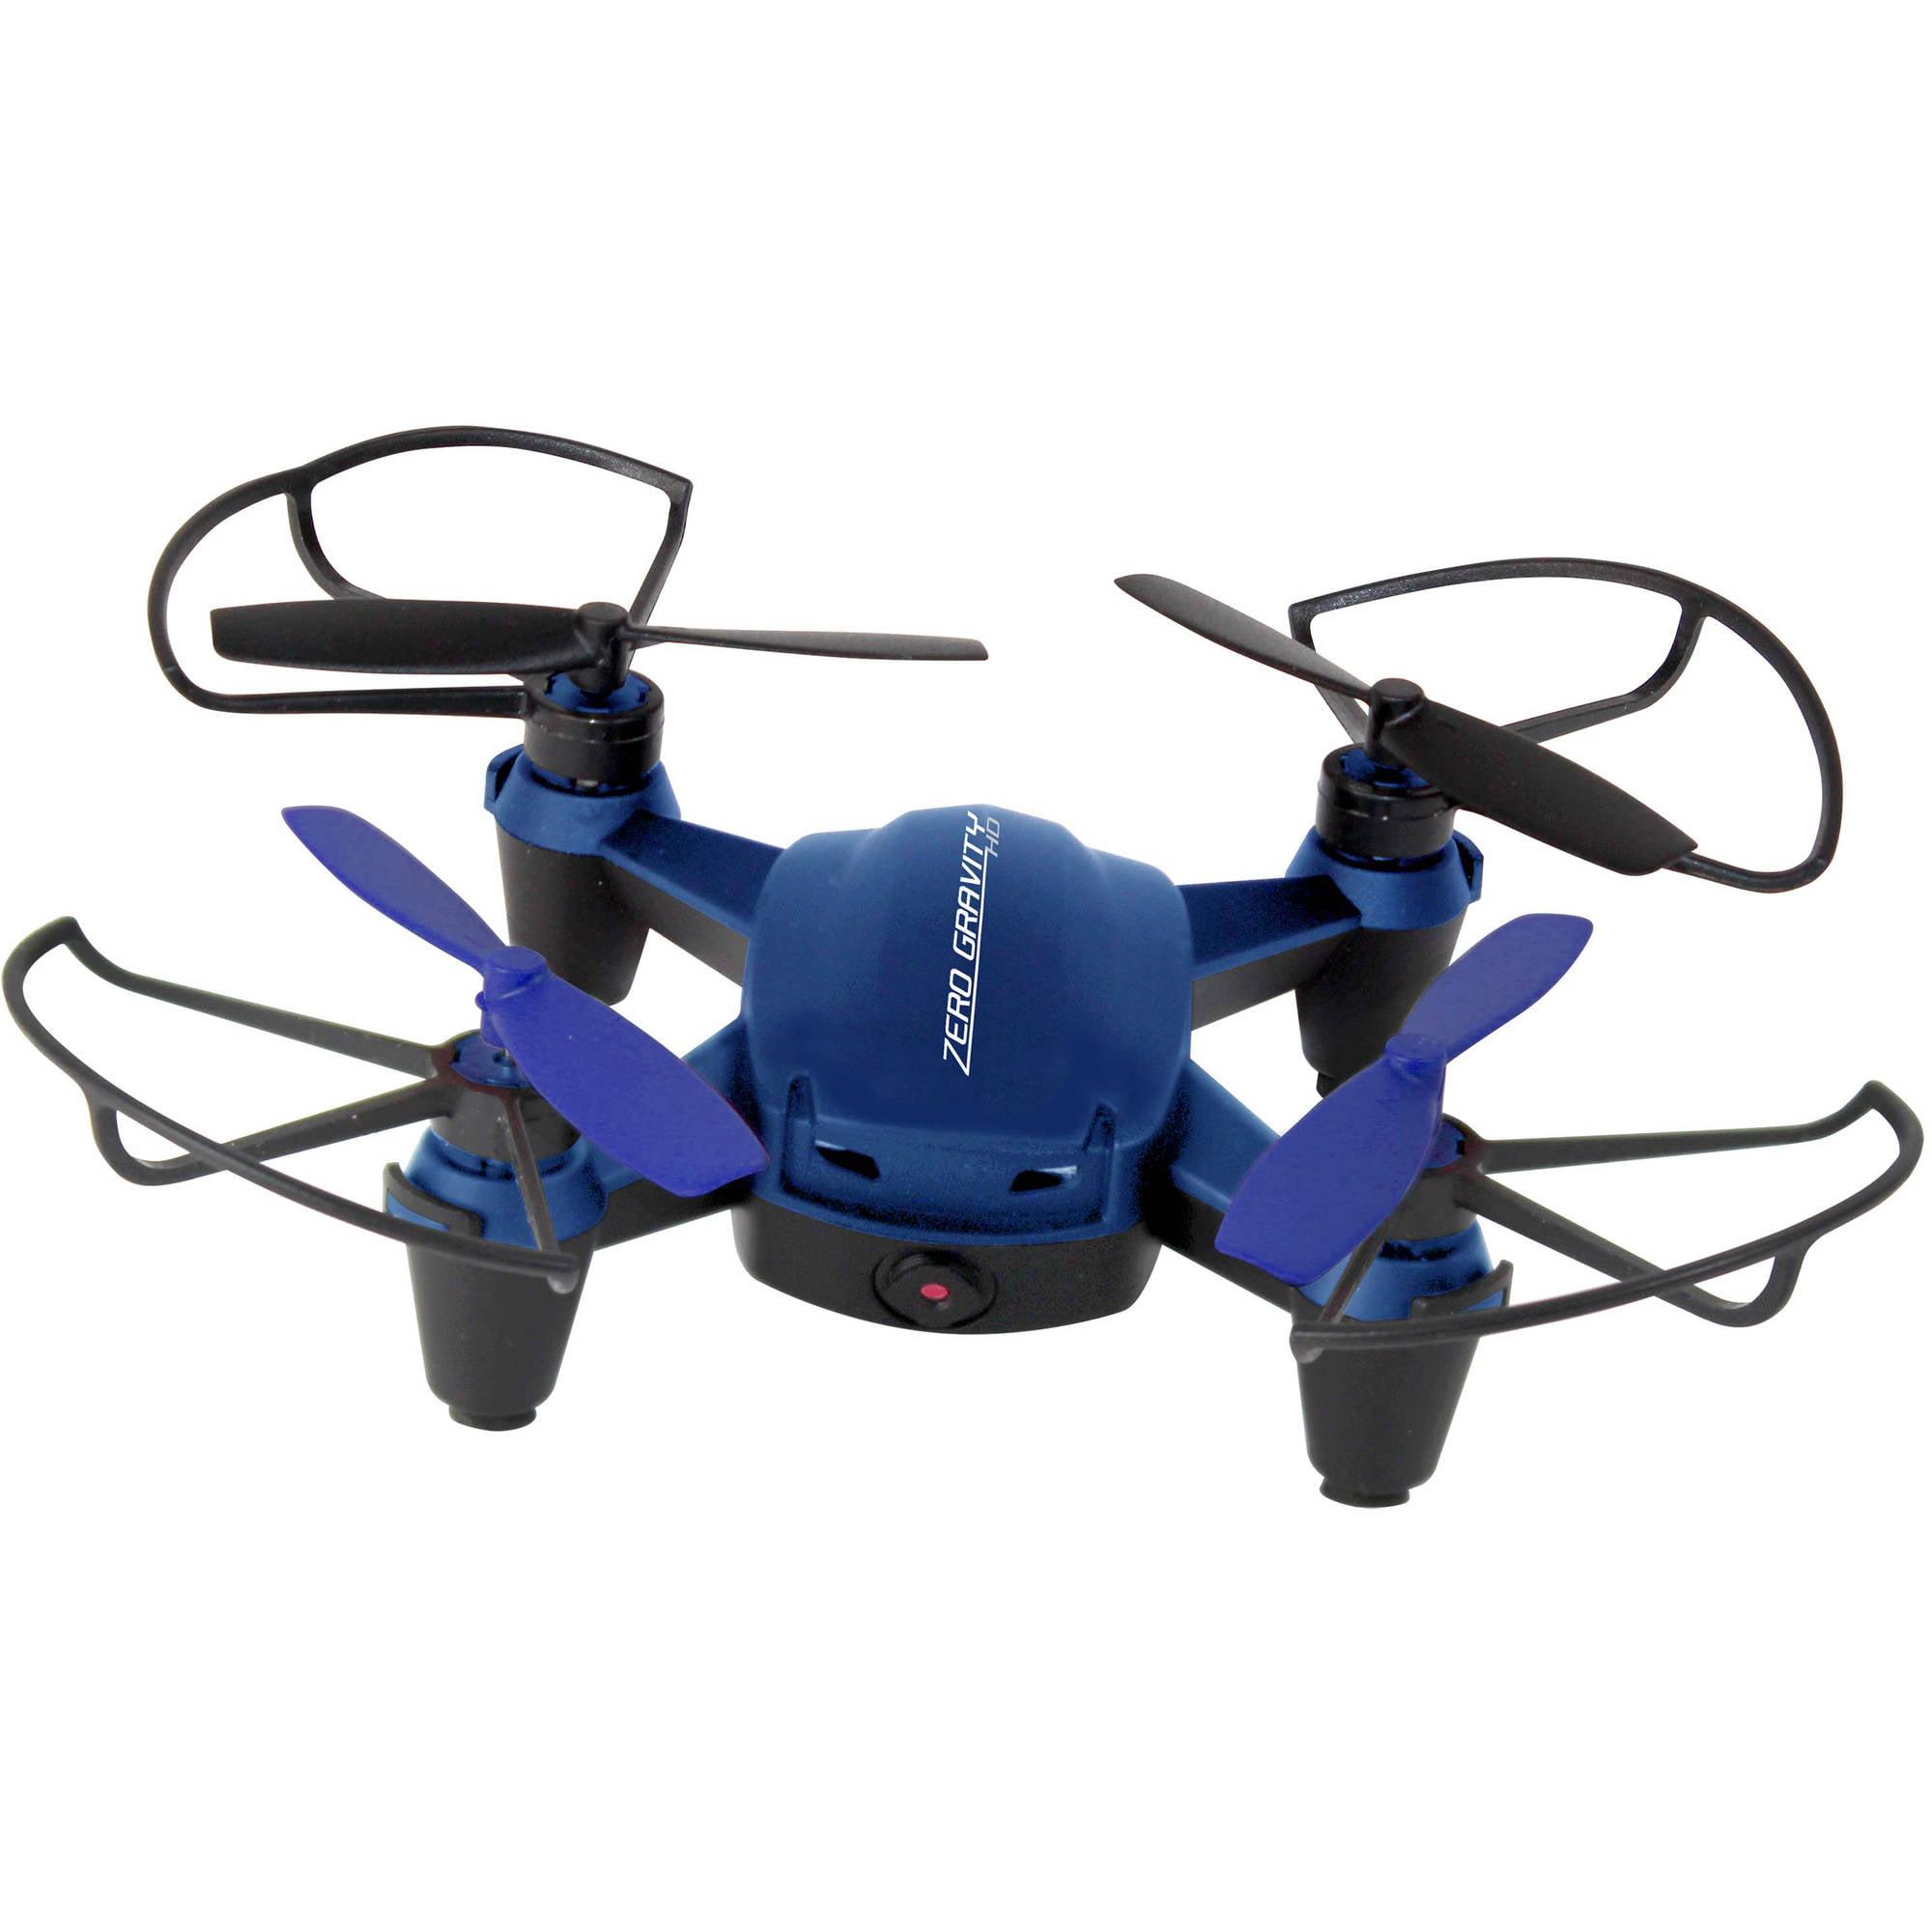 PC Treasures Zero Gravity X1 - HD Drone, Blue